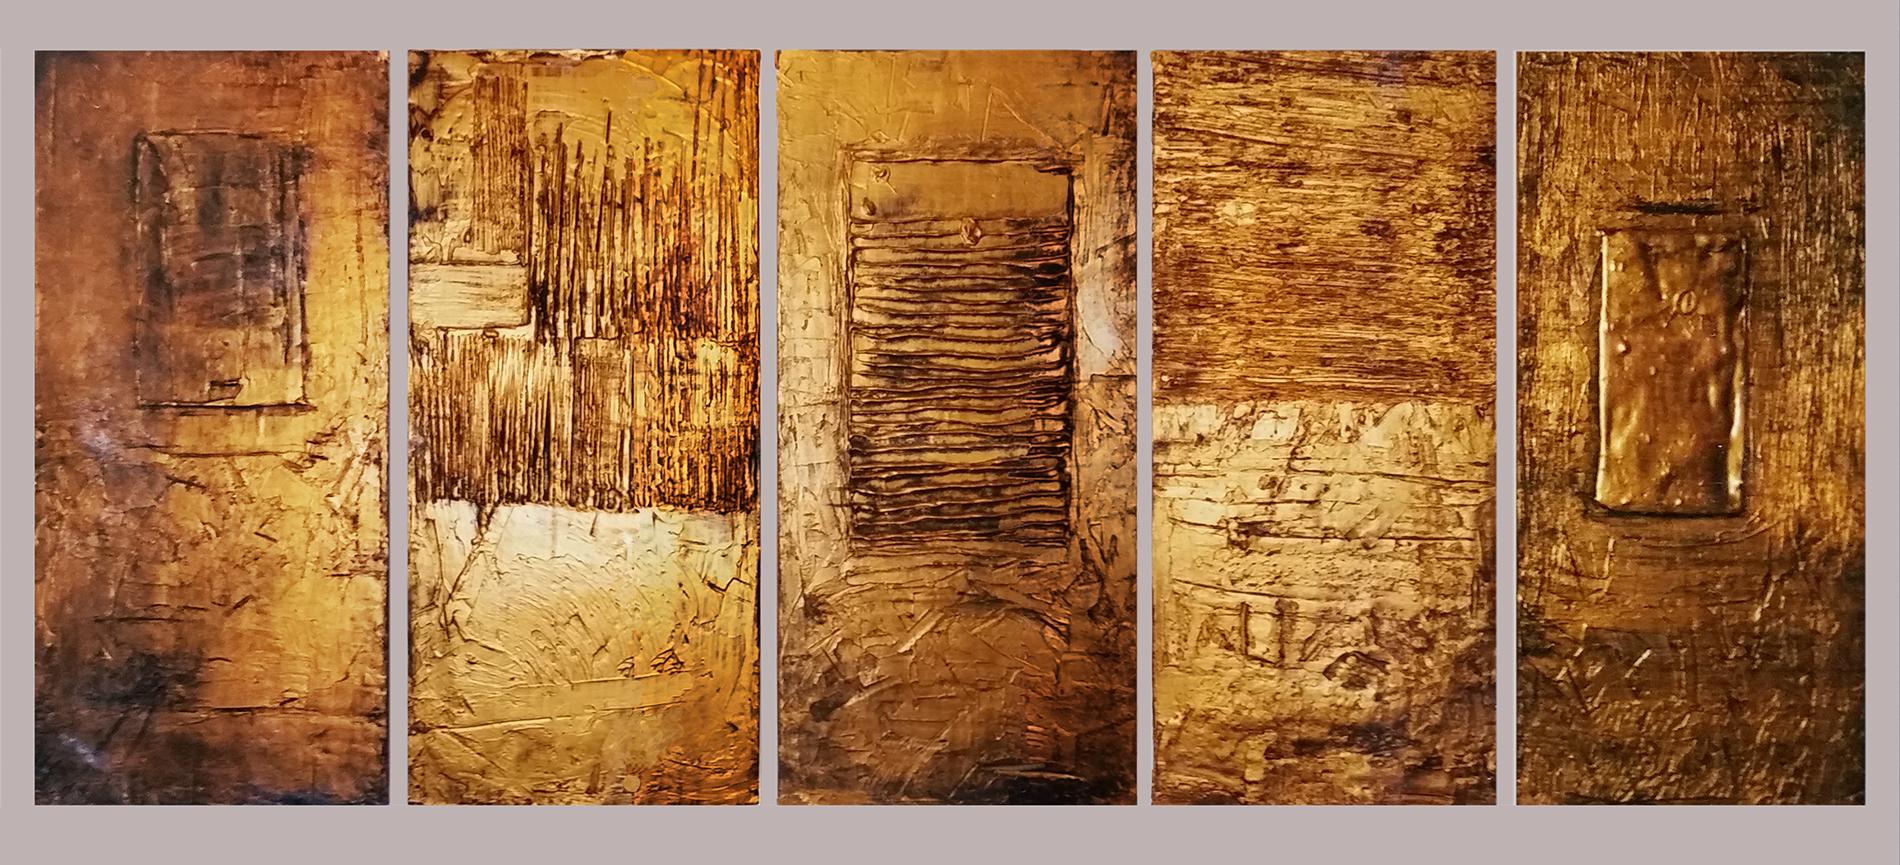 Bassorilievi oro Hotel 2002 Hotel Italia Gesso modellato su multistrato. Colorazione con oro. Bronzatura Mq 180